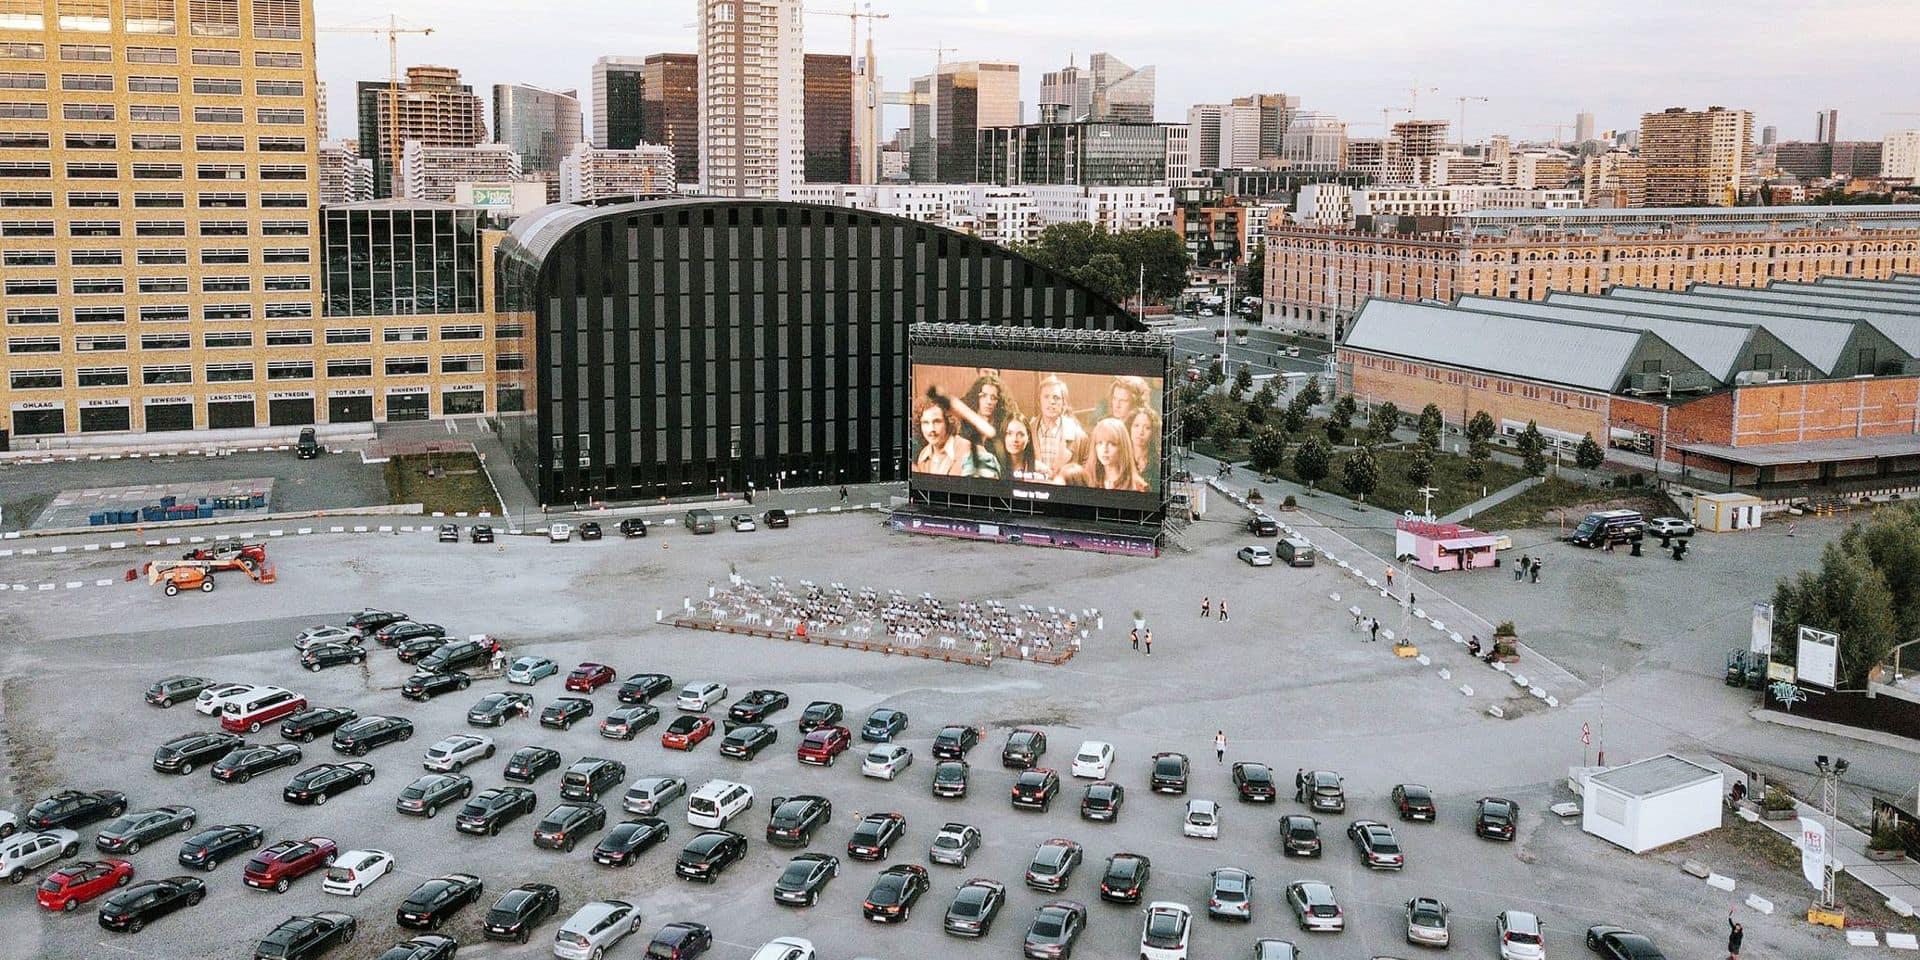 Cet été, le cinéma se regarde depuis les voitures